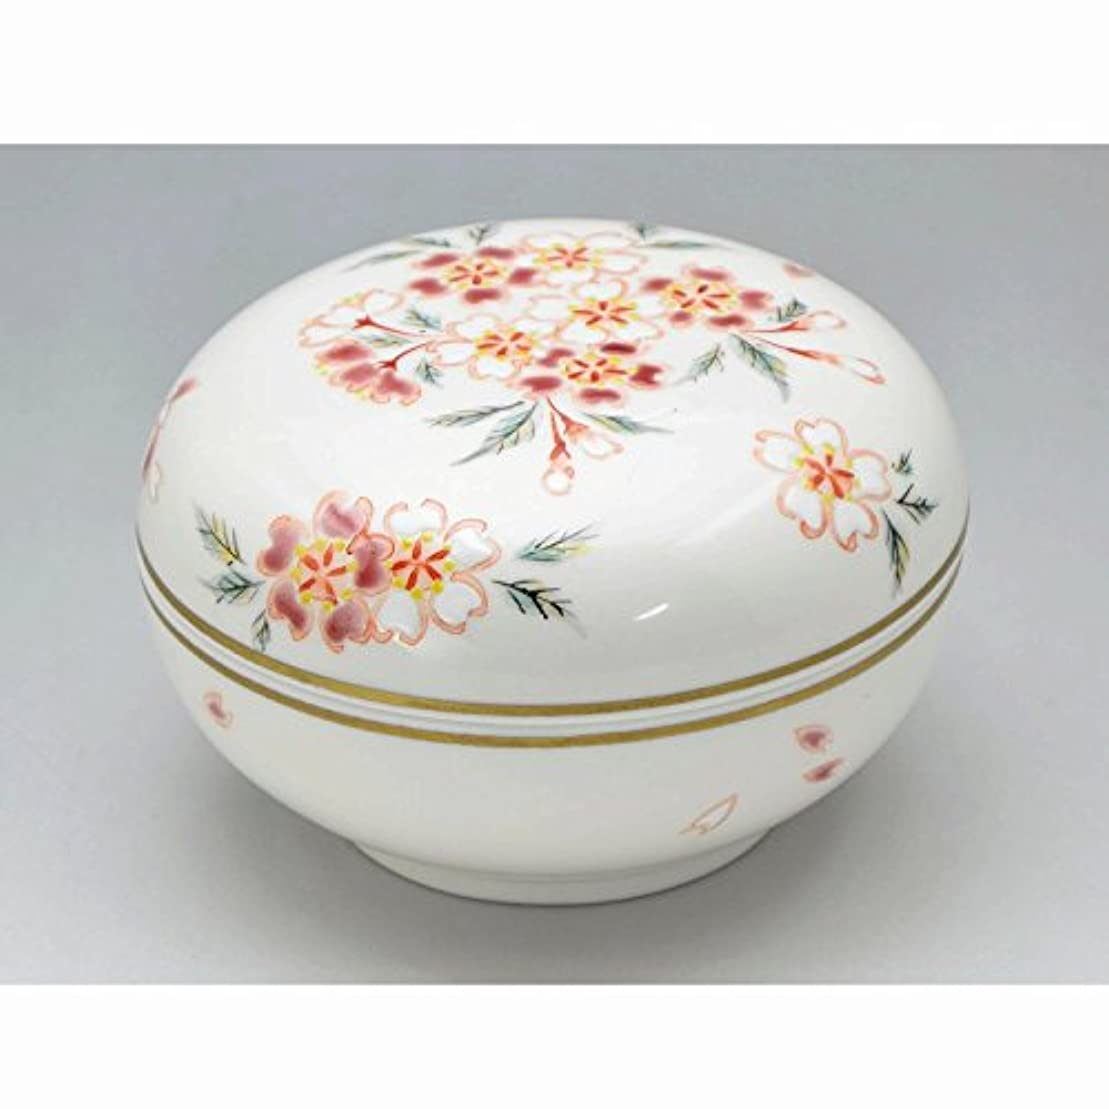 を除くところでミキサー京焼?清水焼 磁器 香合 花桜 紙箱入 Kiyomizu-kyo yaki ware. Japanese porcelain kogo incense burner hanazakura with paper box.